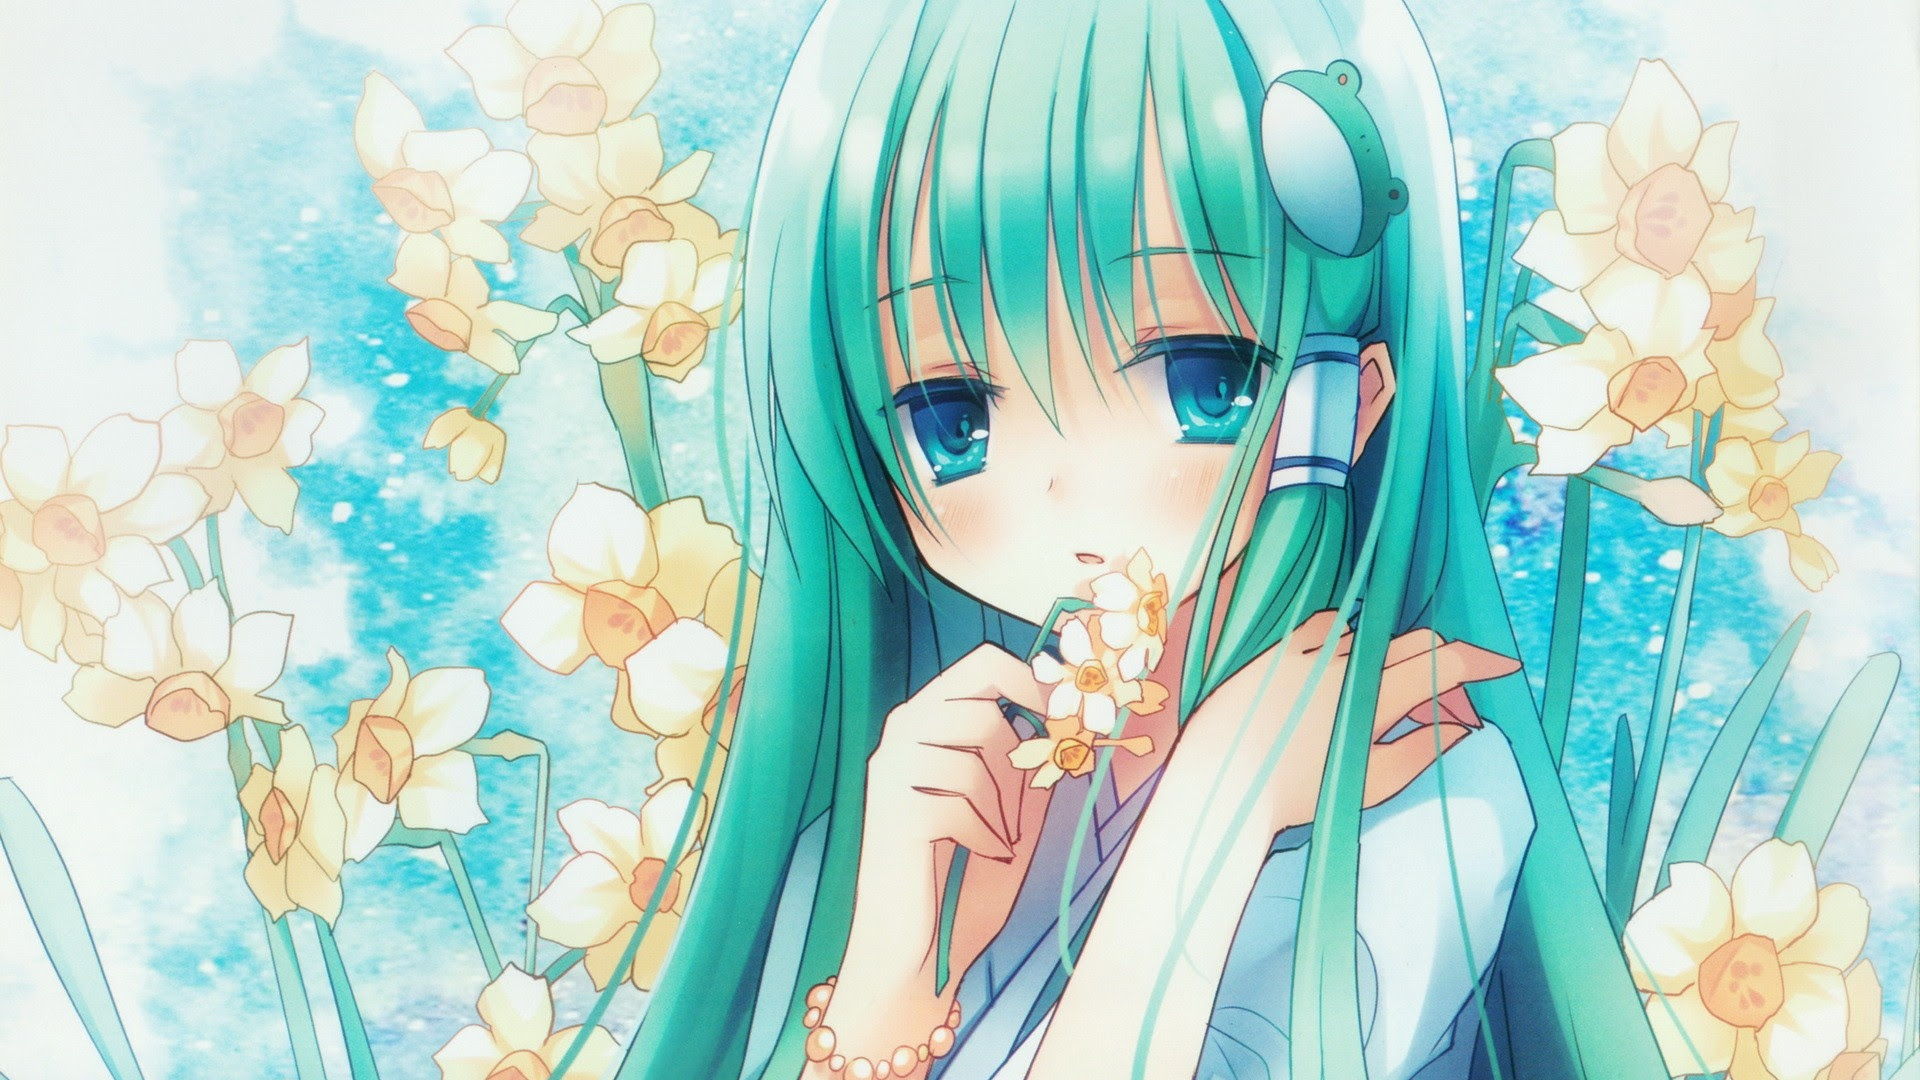 1080p Anime Wallpapers HD | PixelsTalk.Net